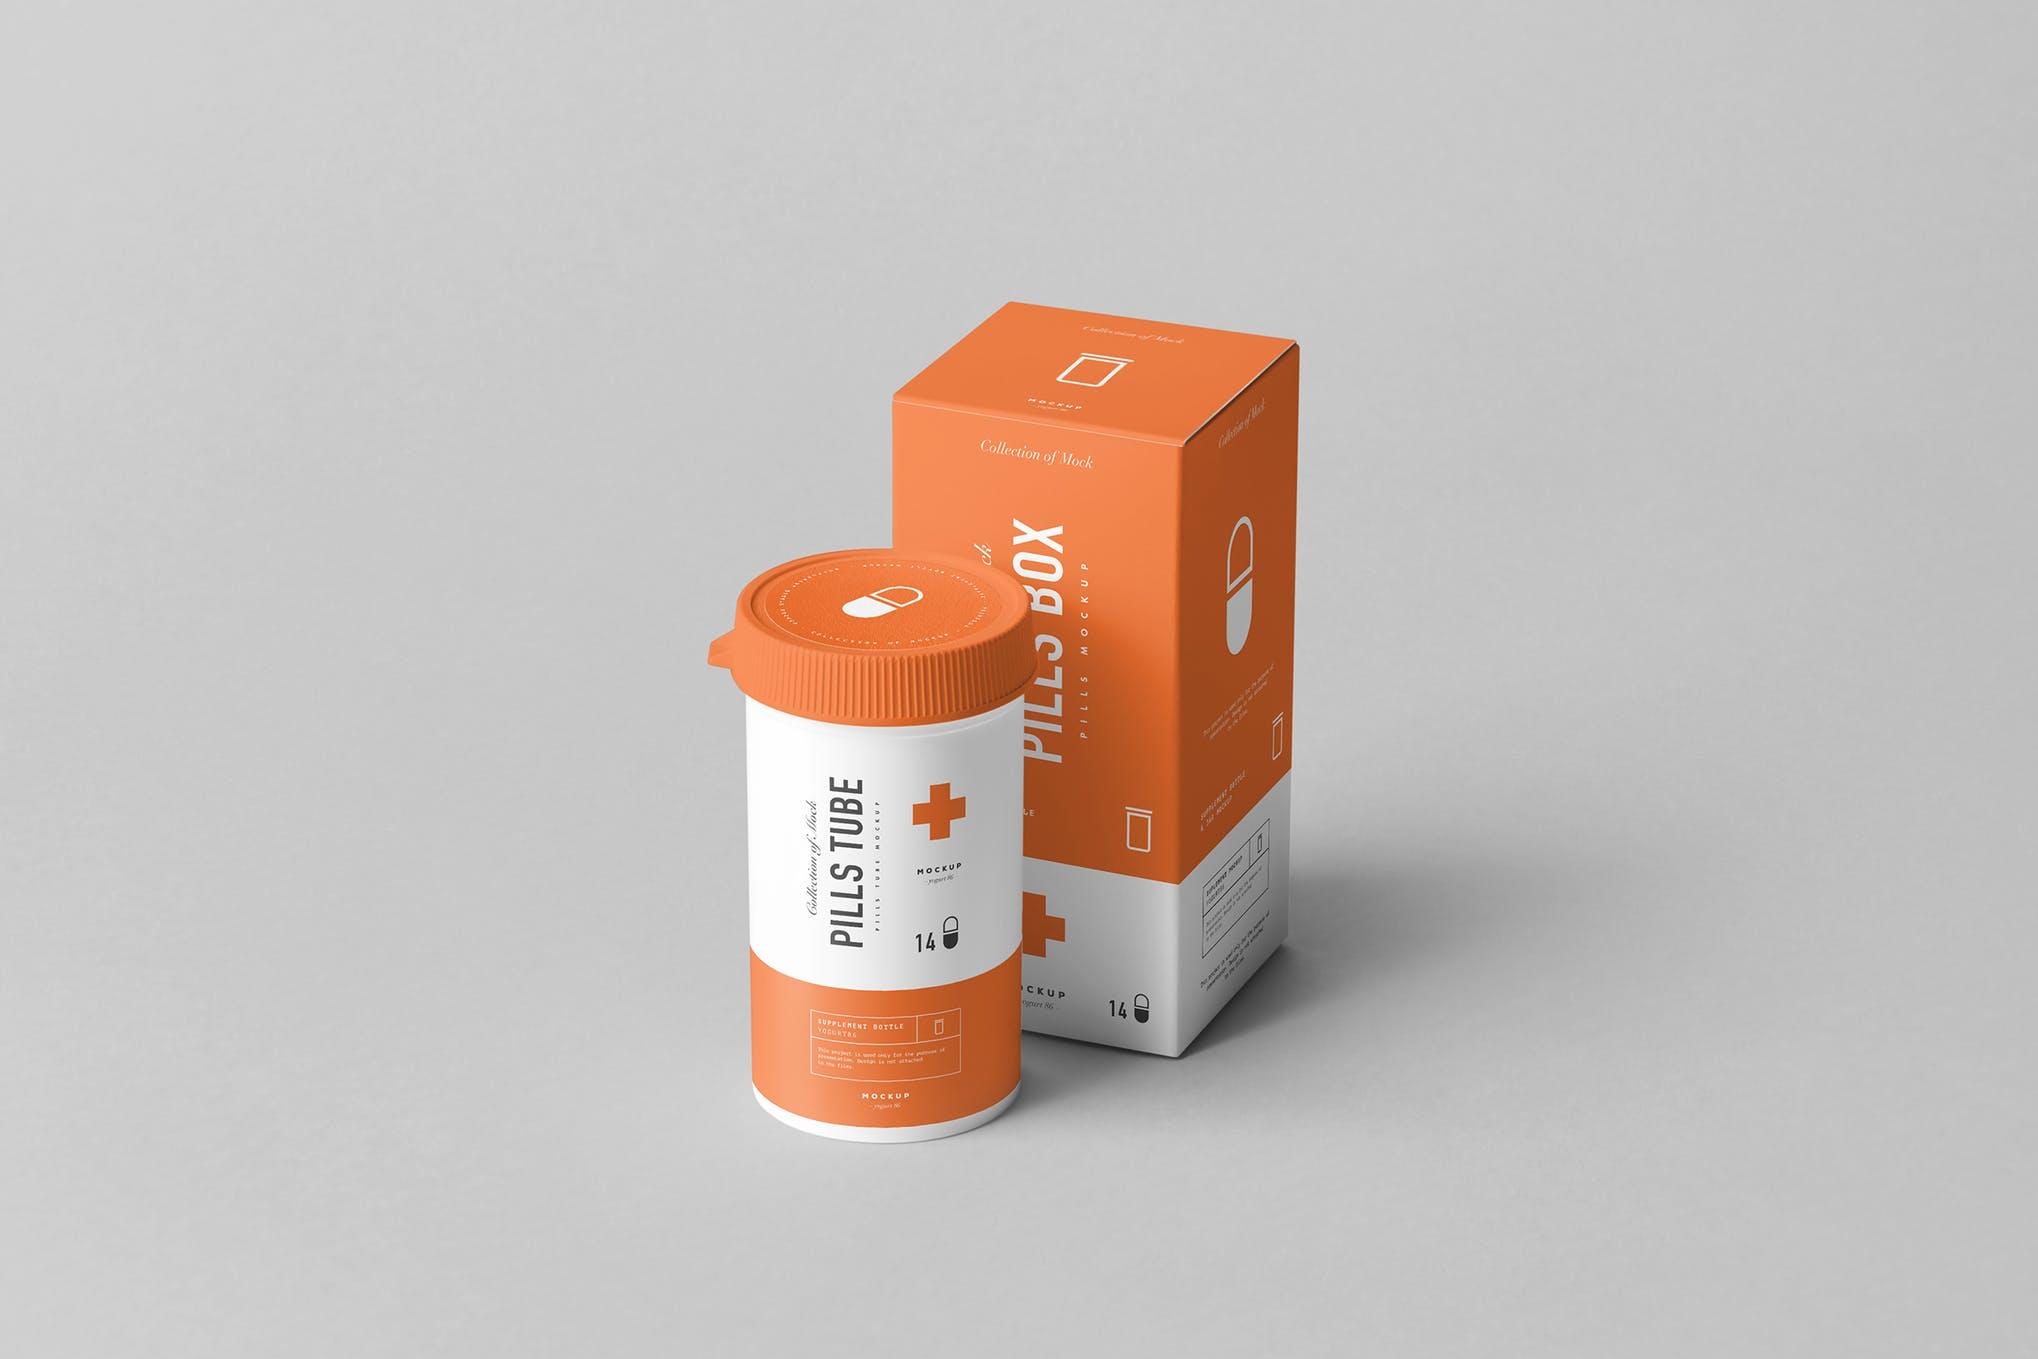 药瓶带包装盒效果样机图插图(1)